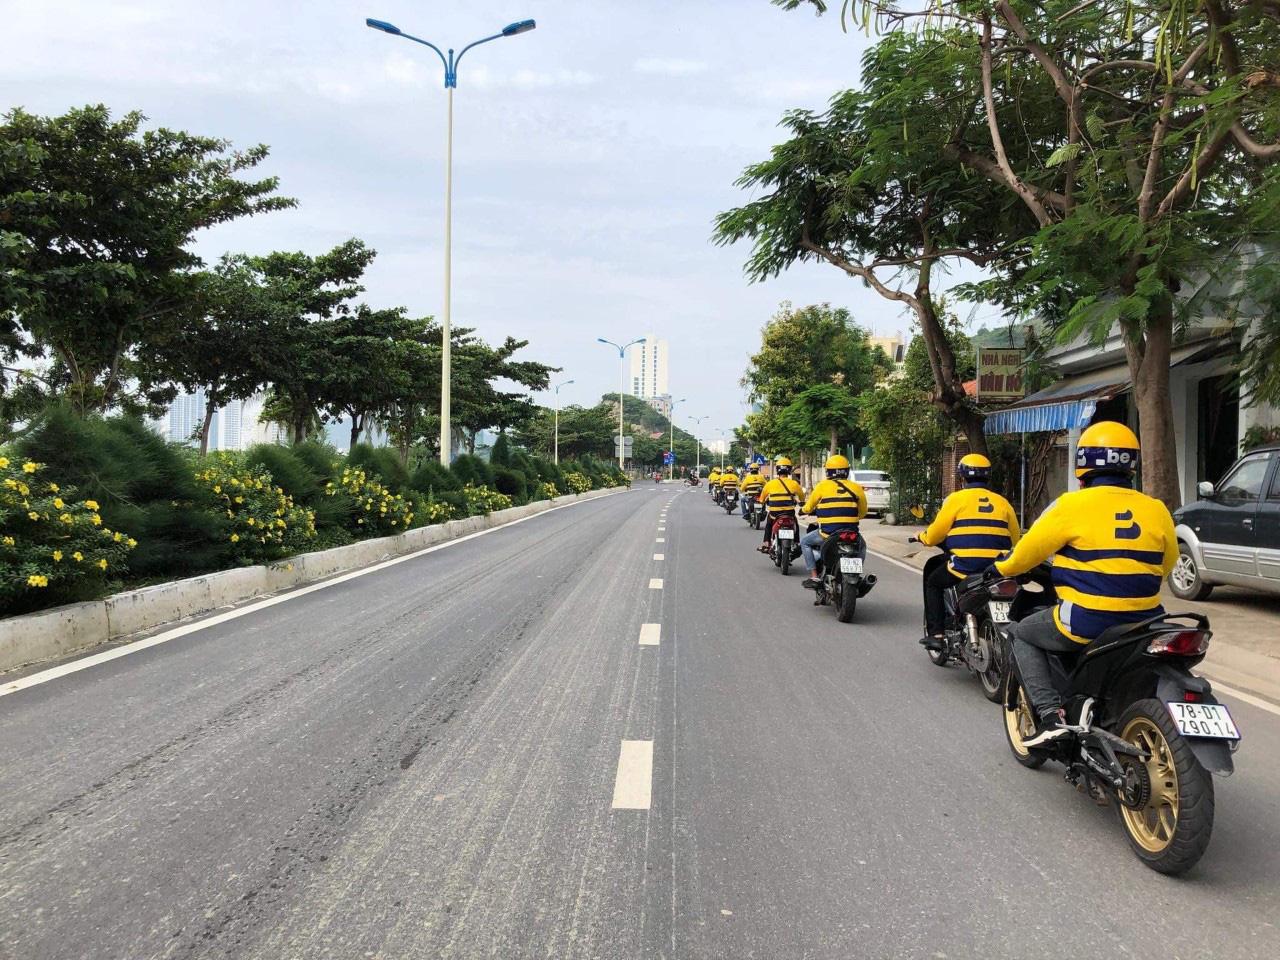 """Ứng dụng gọi xe """"be"""" chính thức có mặt tại """"thiên đường"""" du lịch biển Nha Trang - Ảnh 4."""